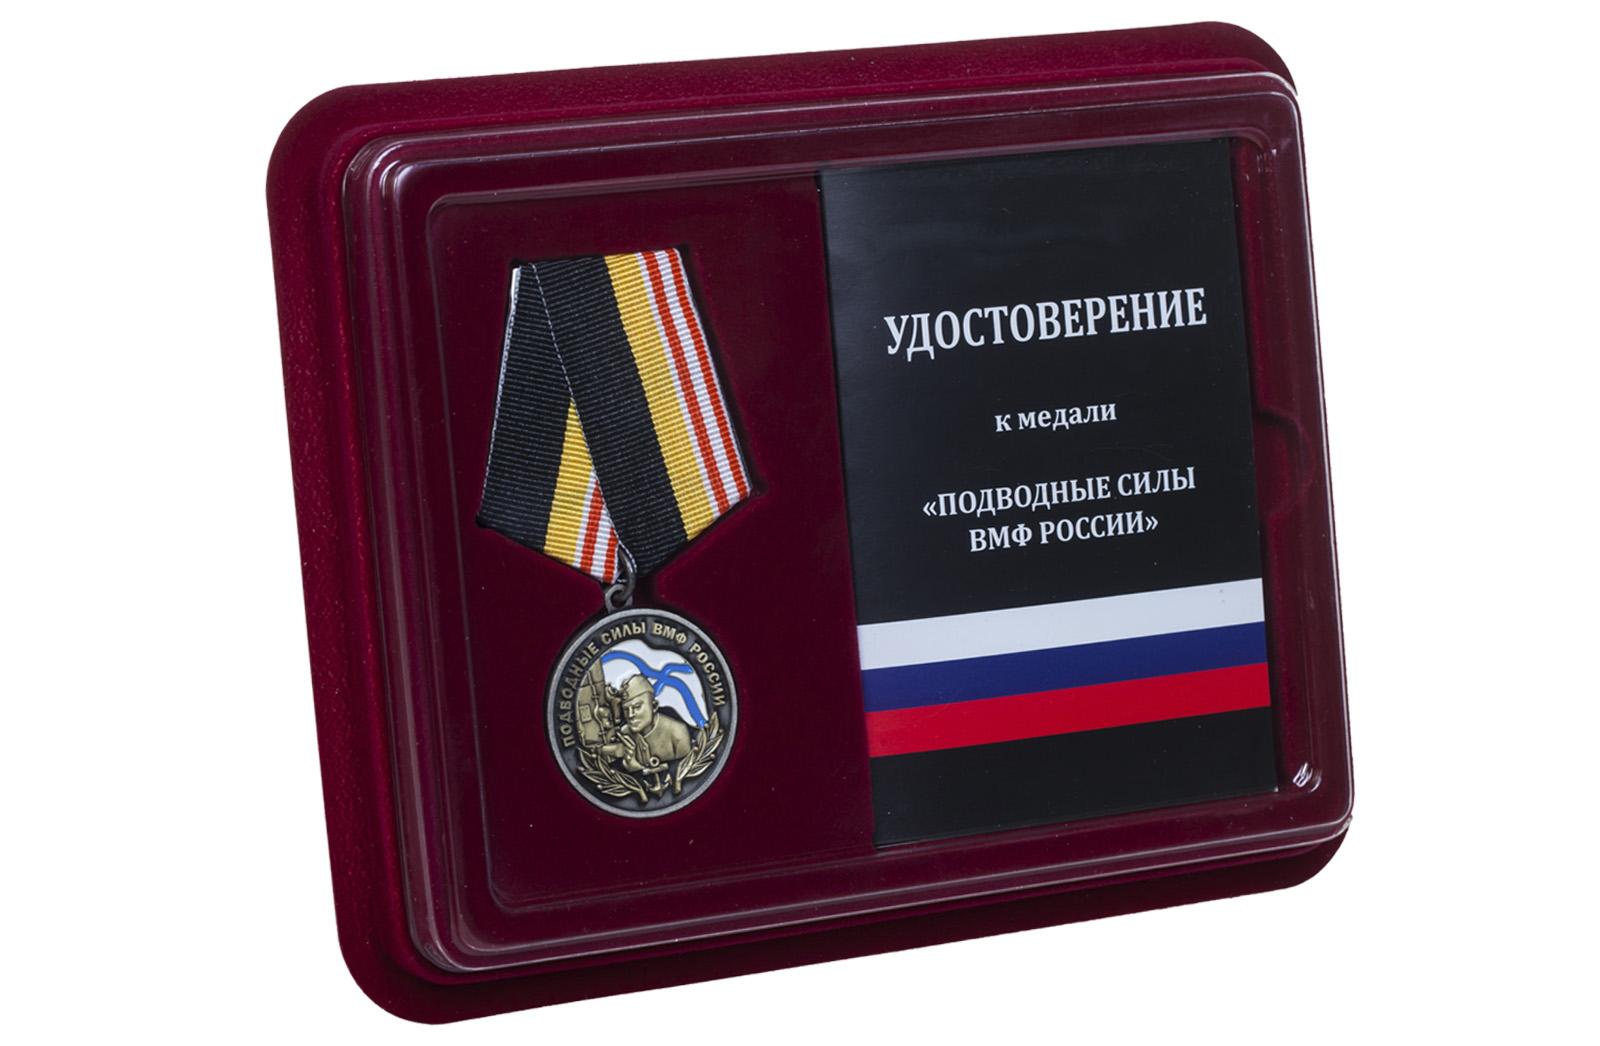 Купить медаль ВМФ России Подводные силы оптом выгодно